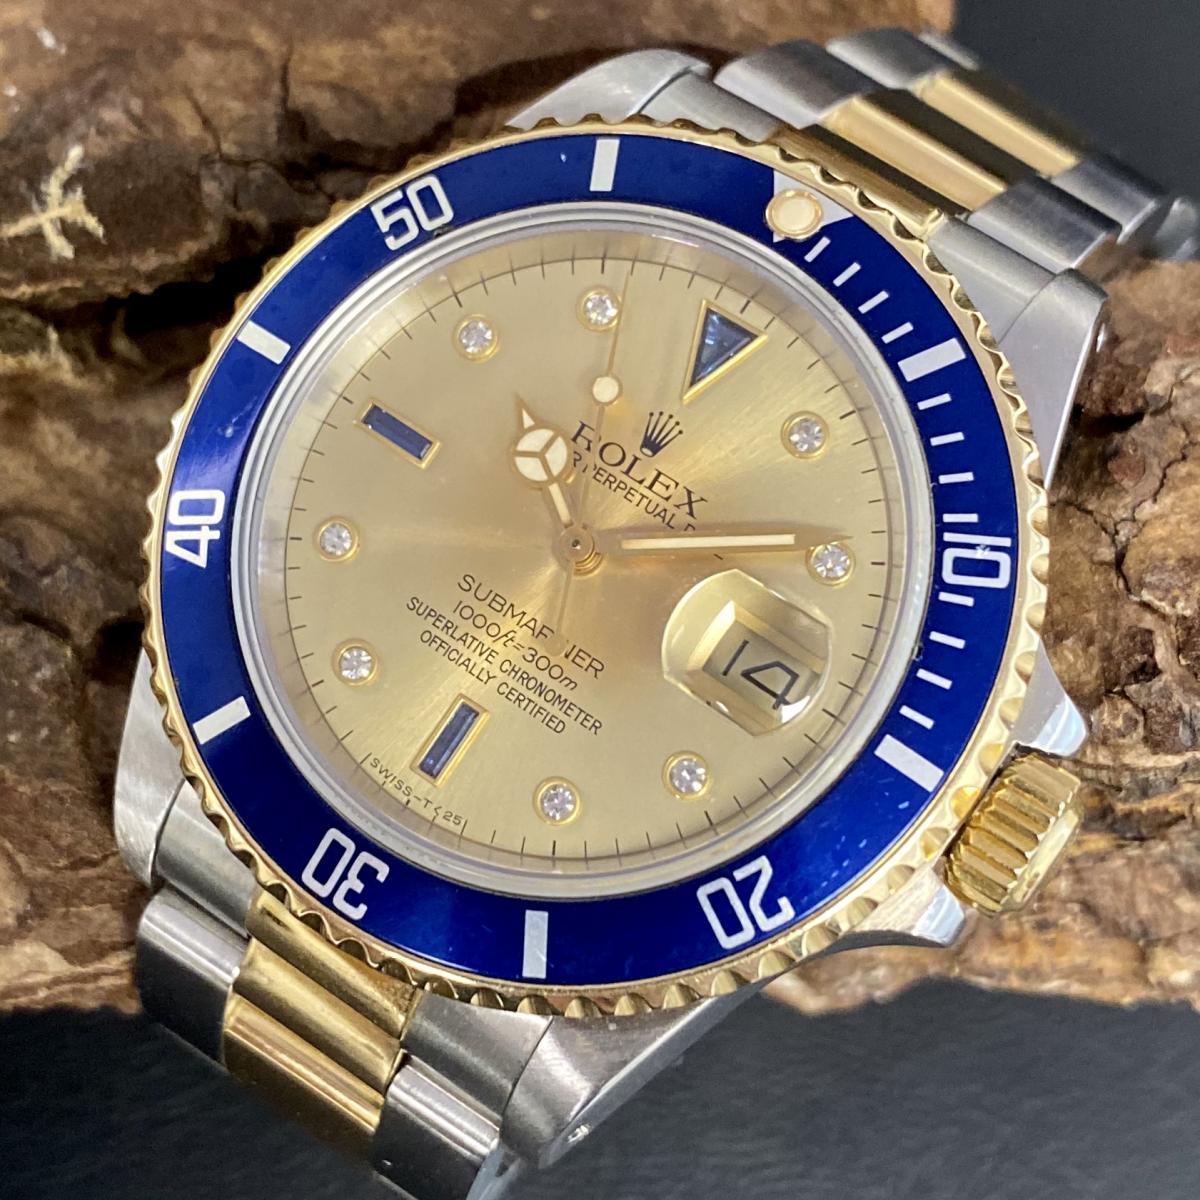 Rolex Submariner Date Sultan / Serti Fullset Ref. 16803